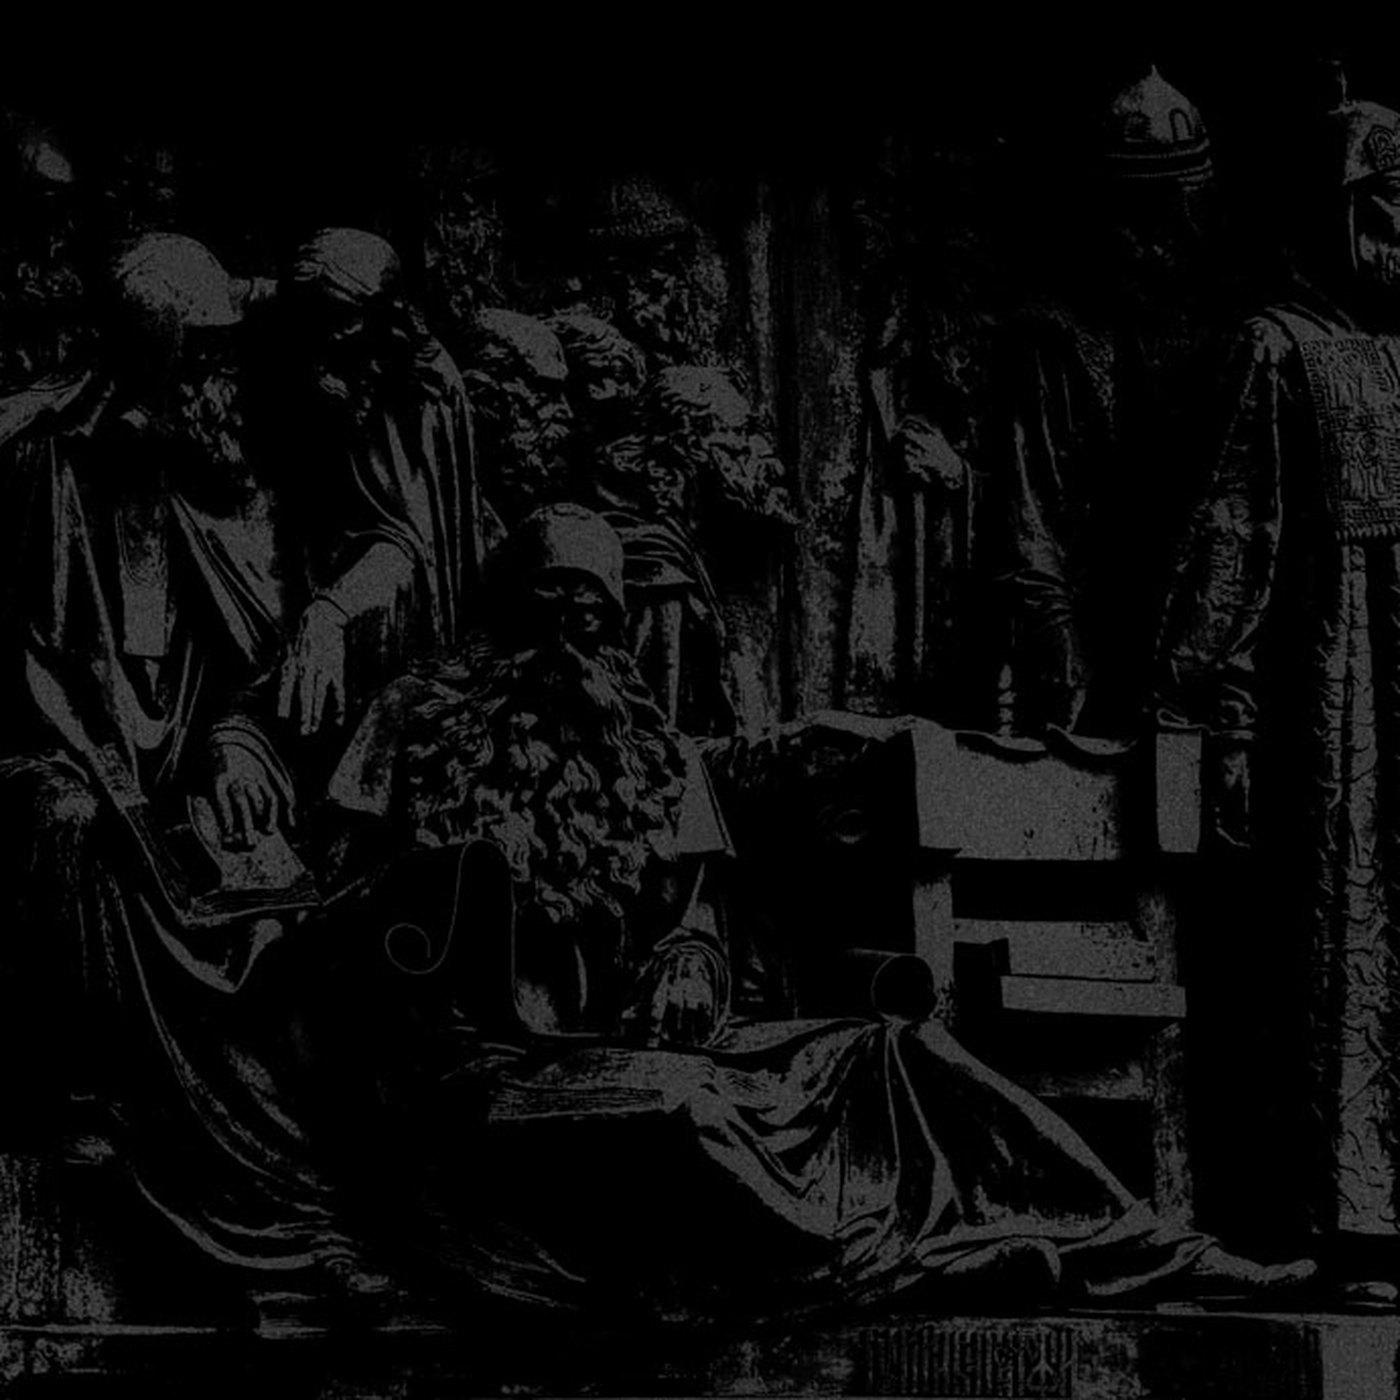 Андрей Светенко Награды Великой Отечественной. Часть 2 андрей светенко четыре думы российской империи часть 3